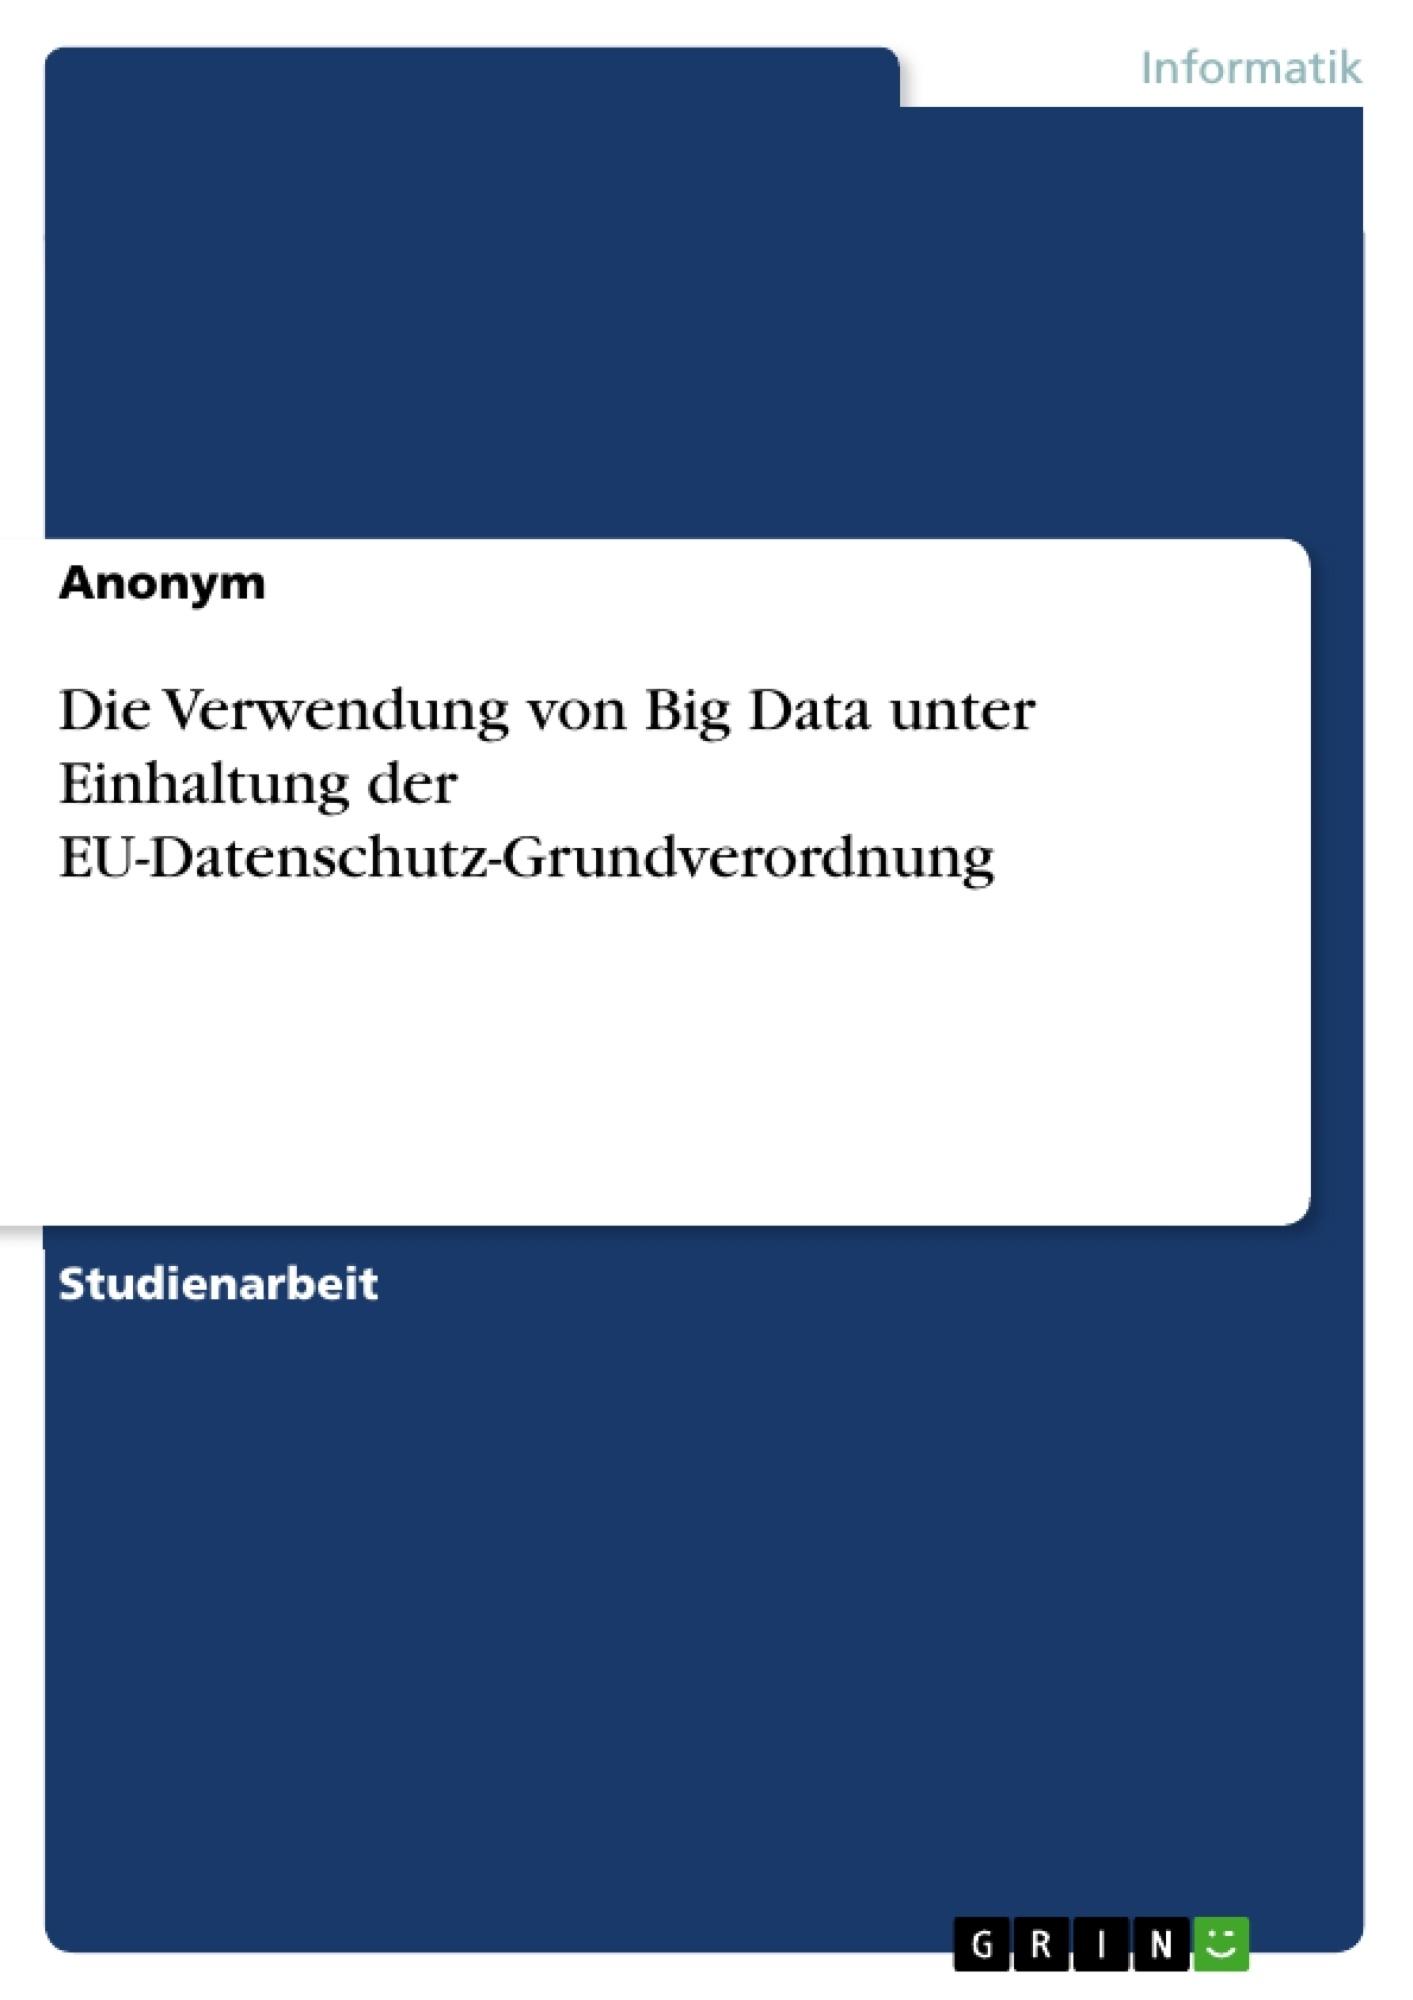 Titel: Die Verwendung von Big Data unter Einhaltung der EU-Datenschutz-Grundverordnung